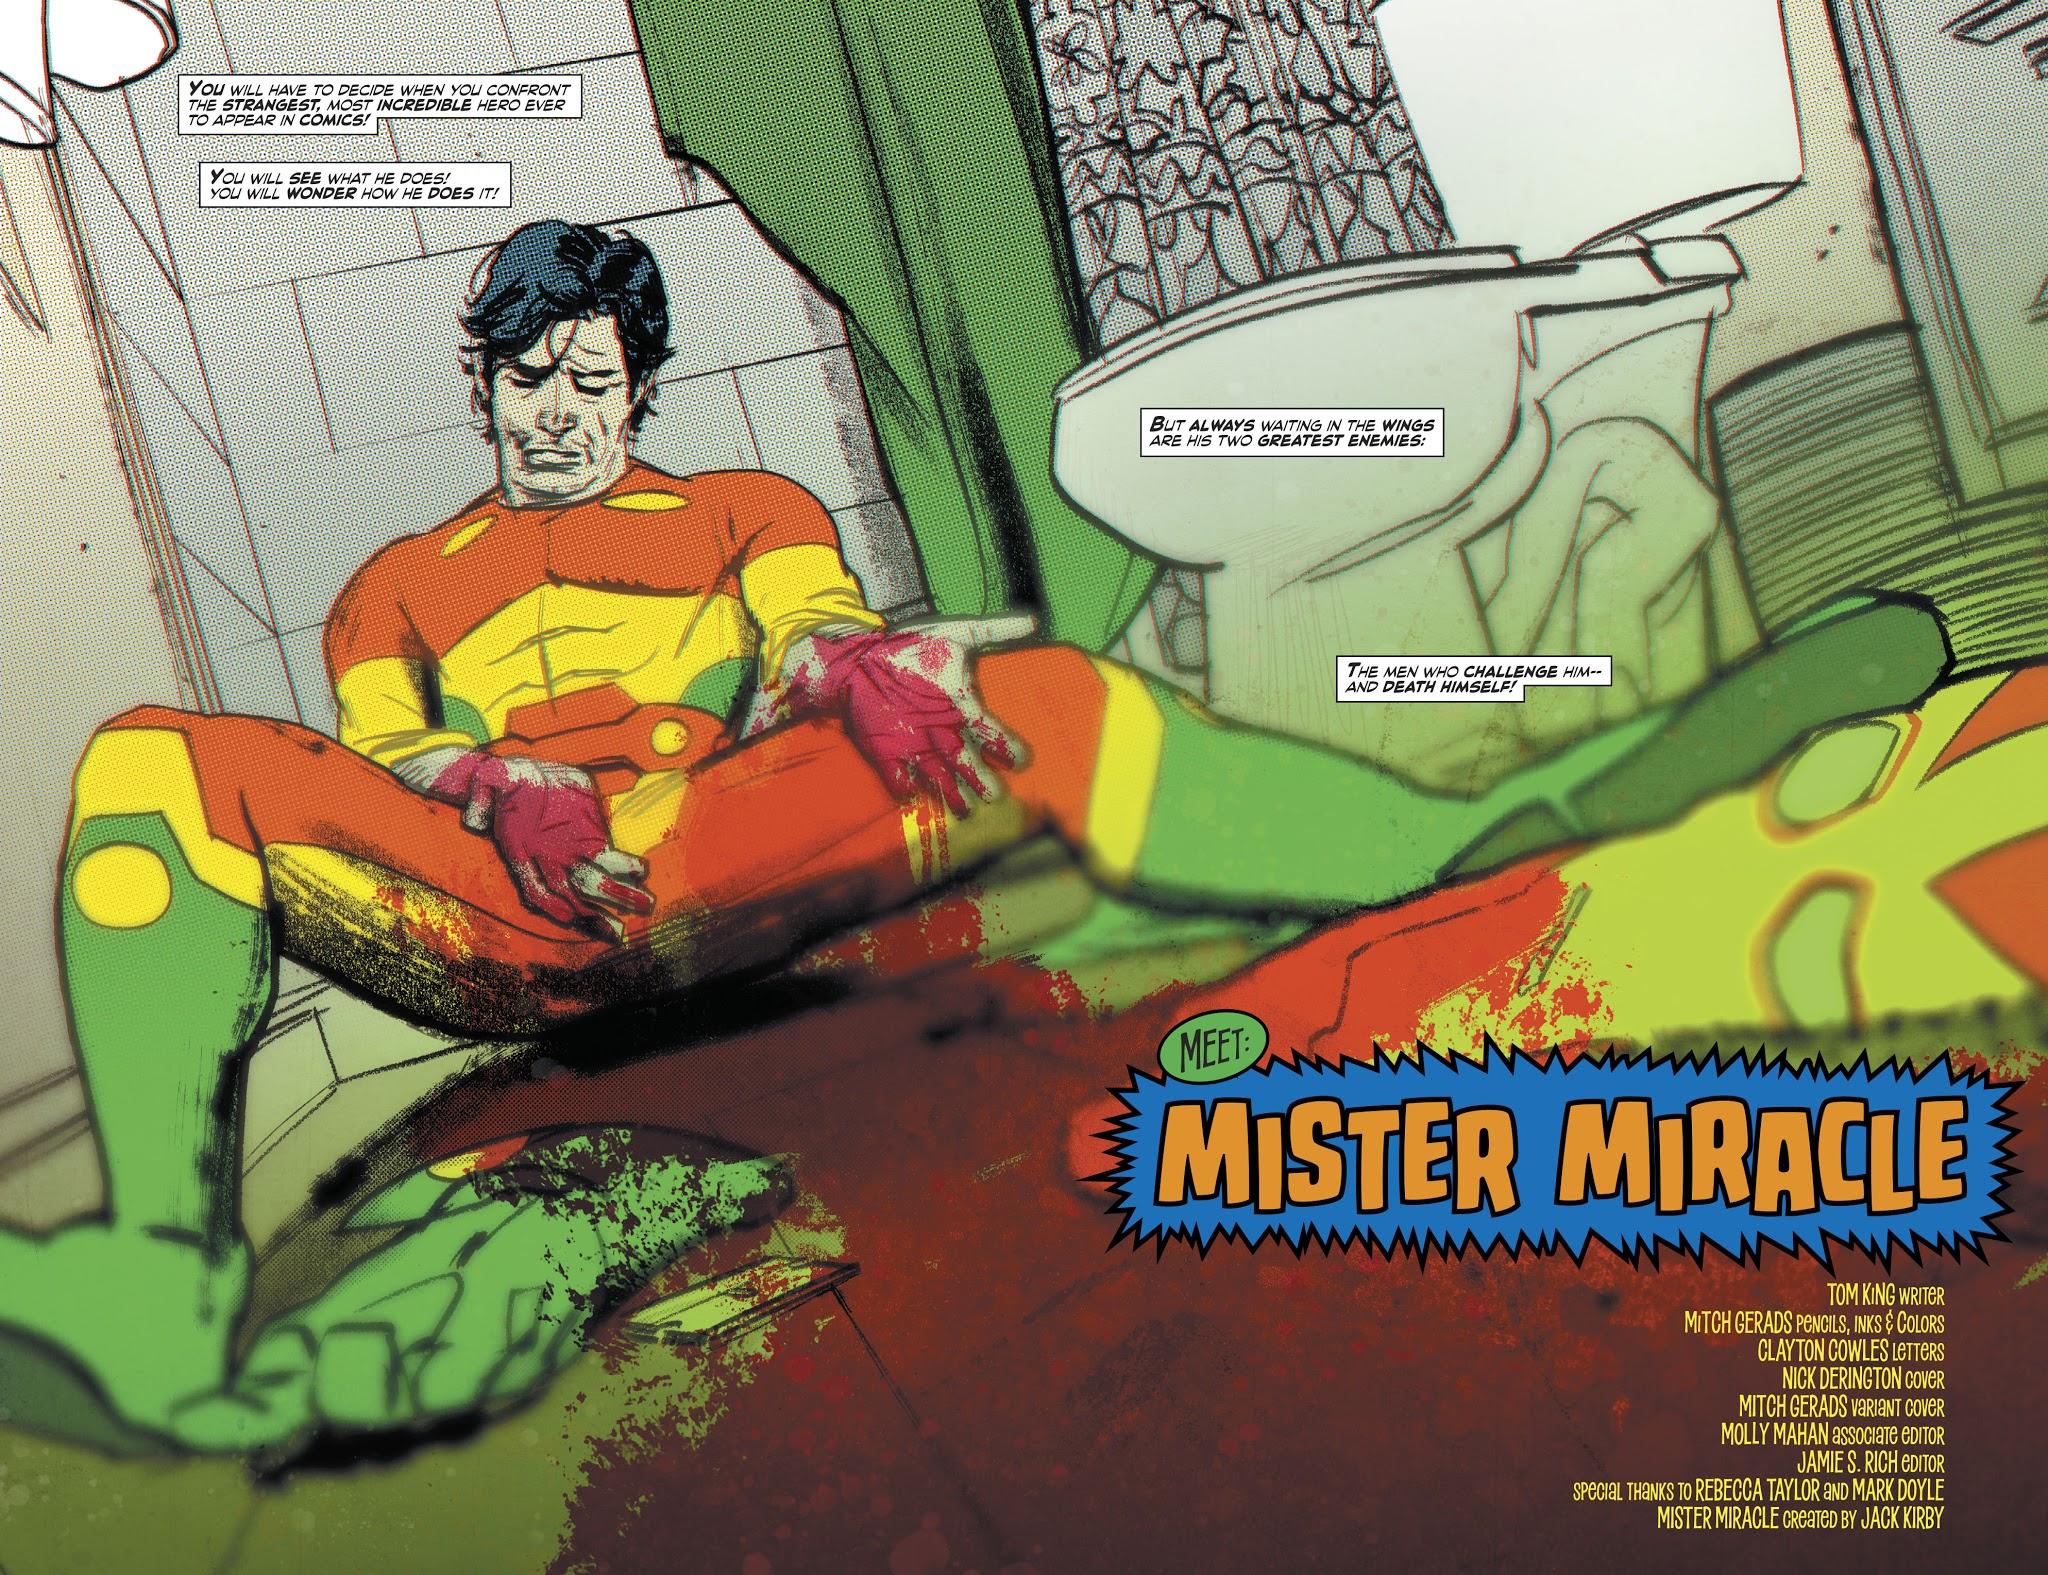 Aliens in Metropolis [J'Onn] - Page 2 Mister+Miracle+%231+2